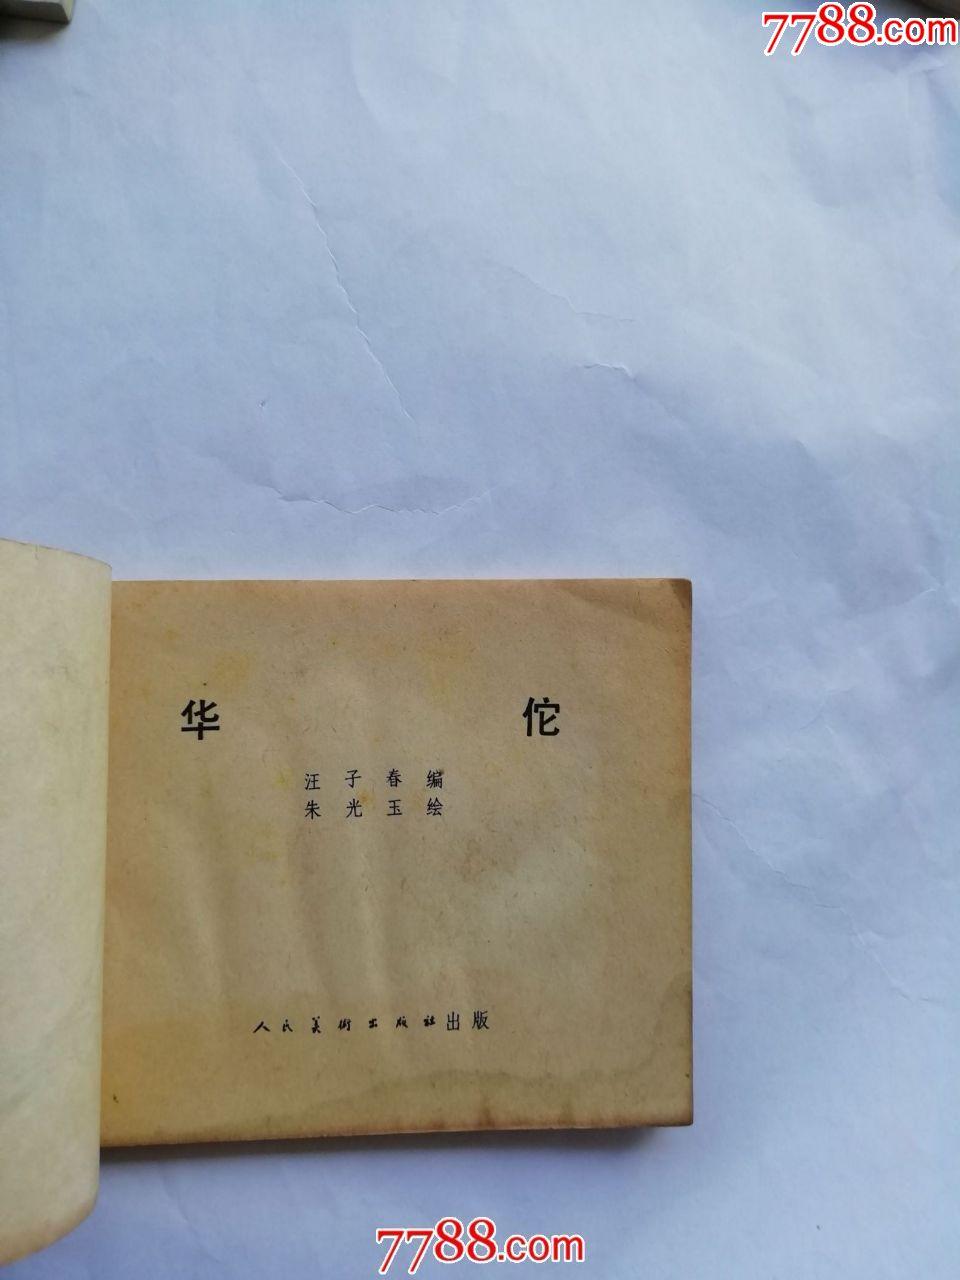 华佗_价格15.0000元【应山书局】_第3张_7788收藏__中国收藏热线